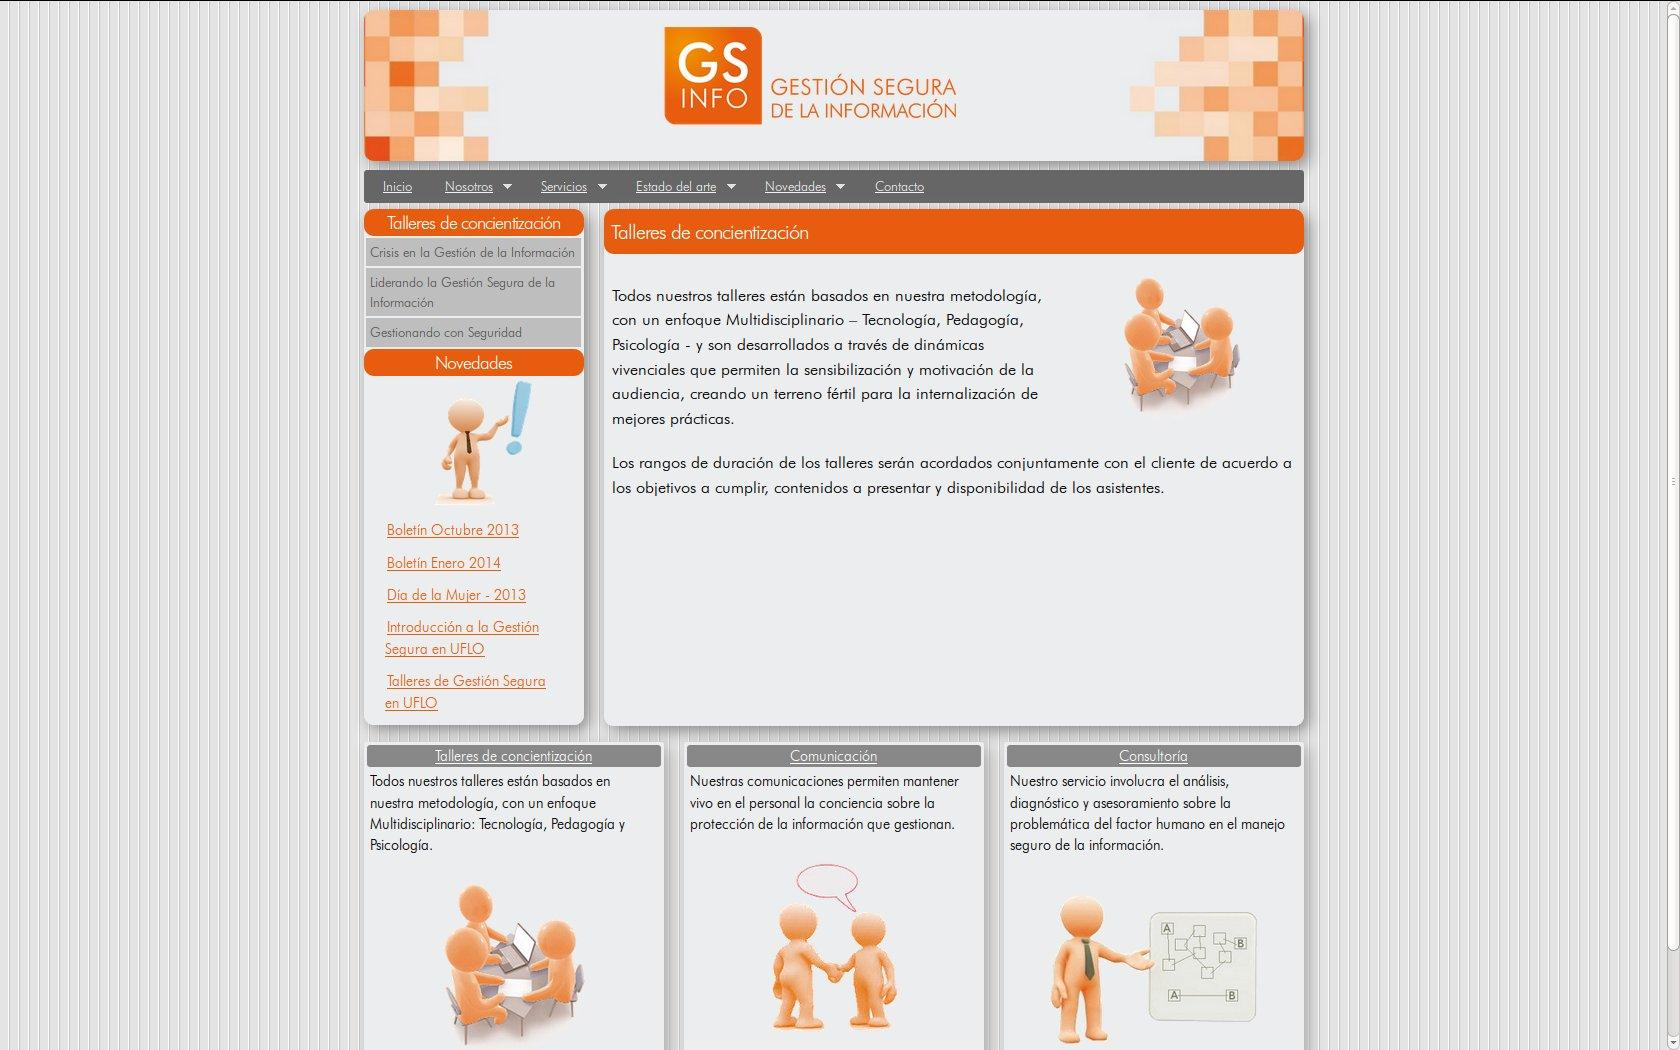 GSInfo